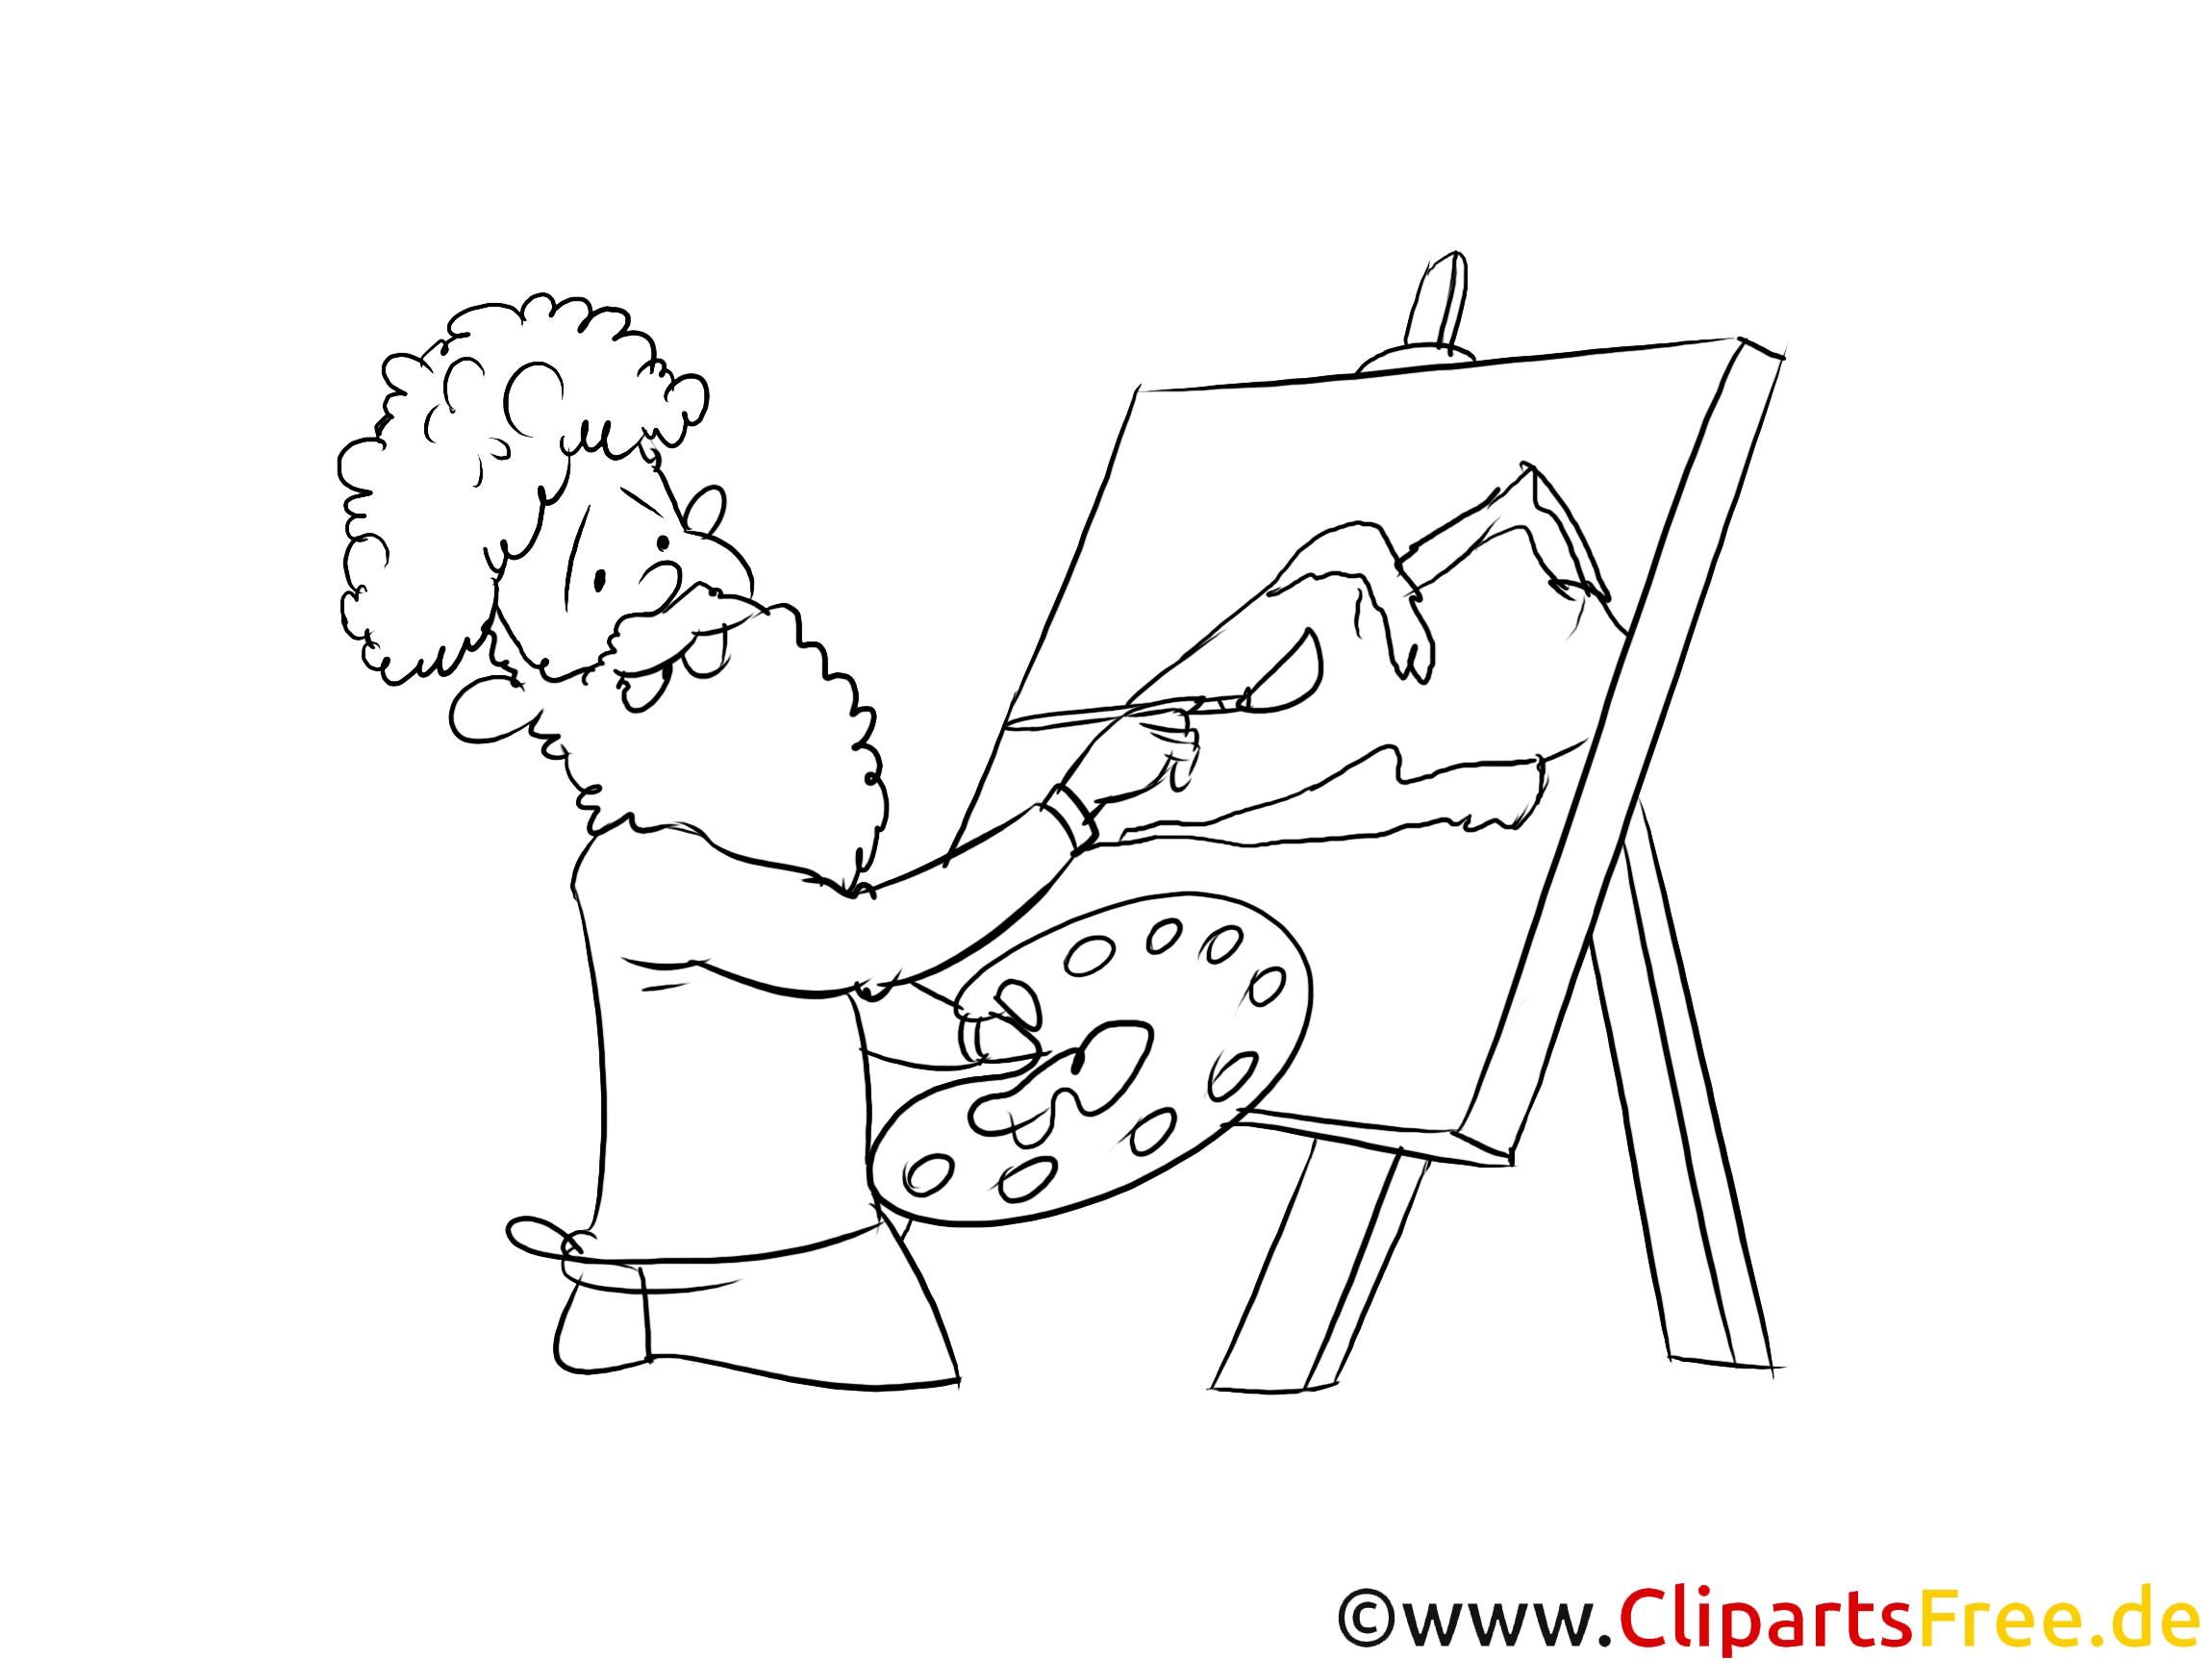 Clipart, Grafik, Bild schwarz-weiß Künstler